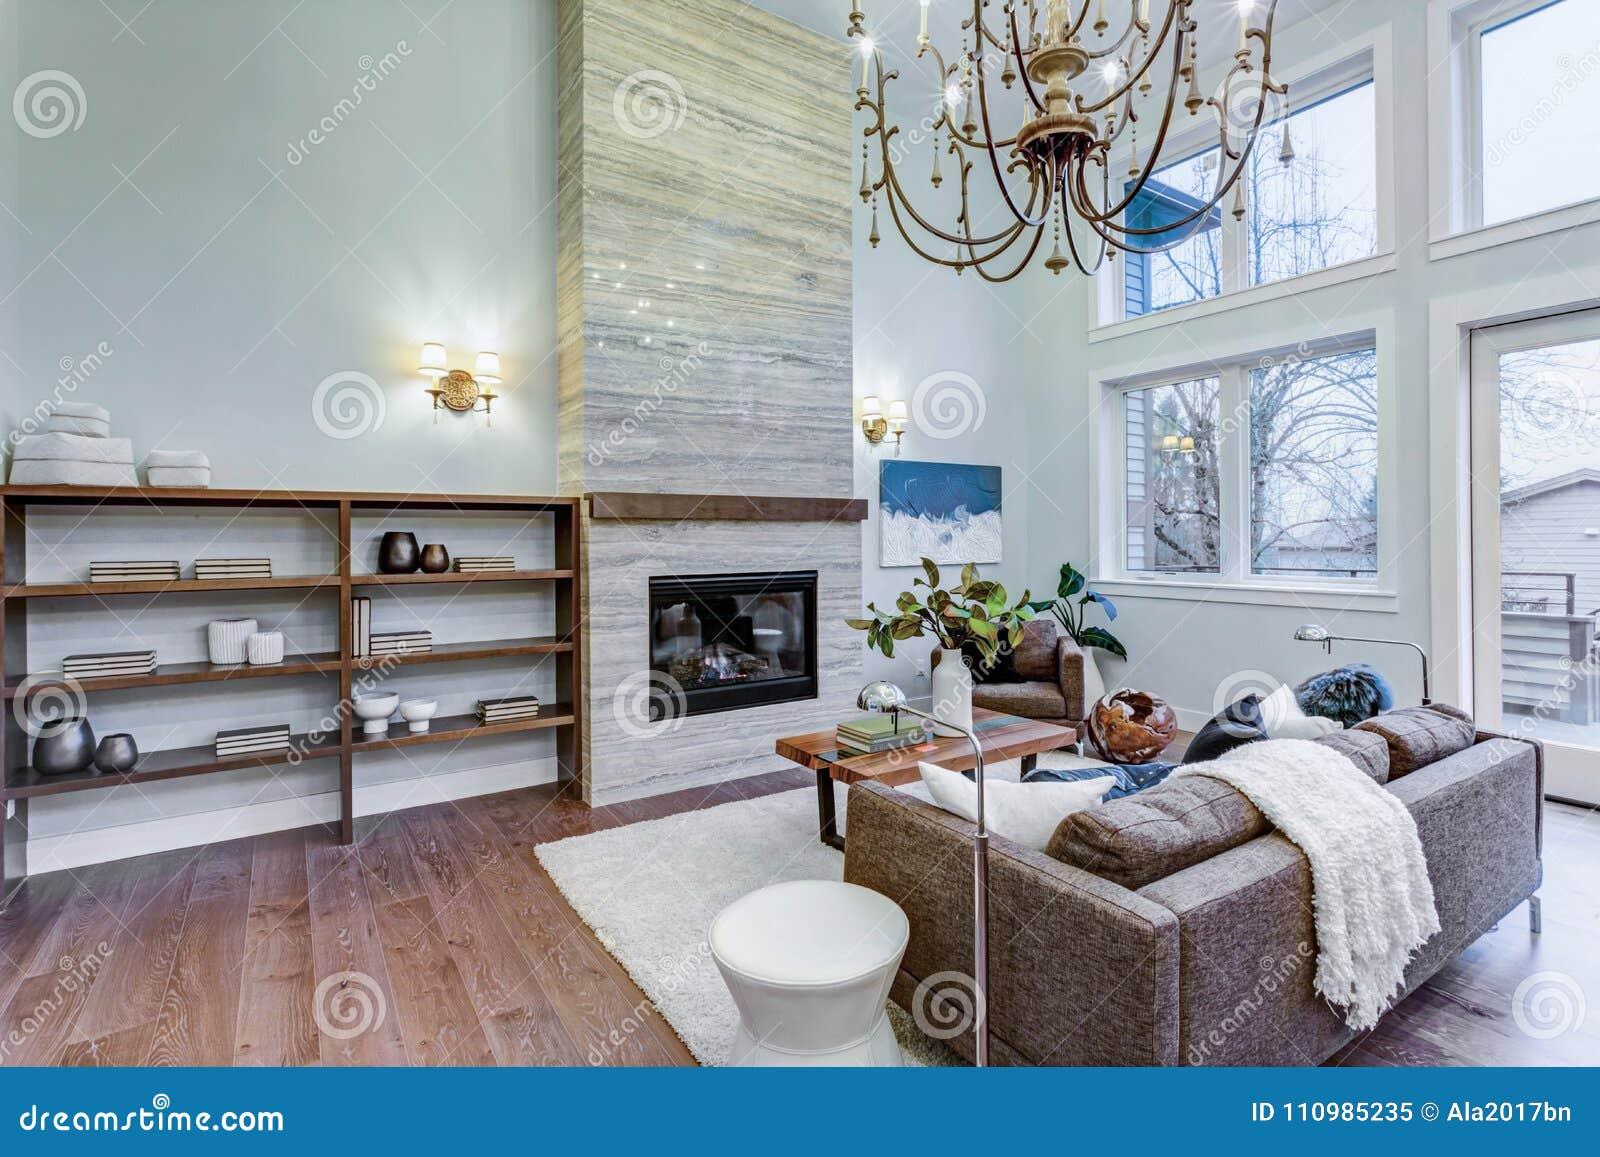 Soffitti Alti Illuminazione : Lampade per soffitti alti illuminazione per soffitti in legno